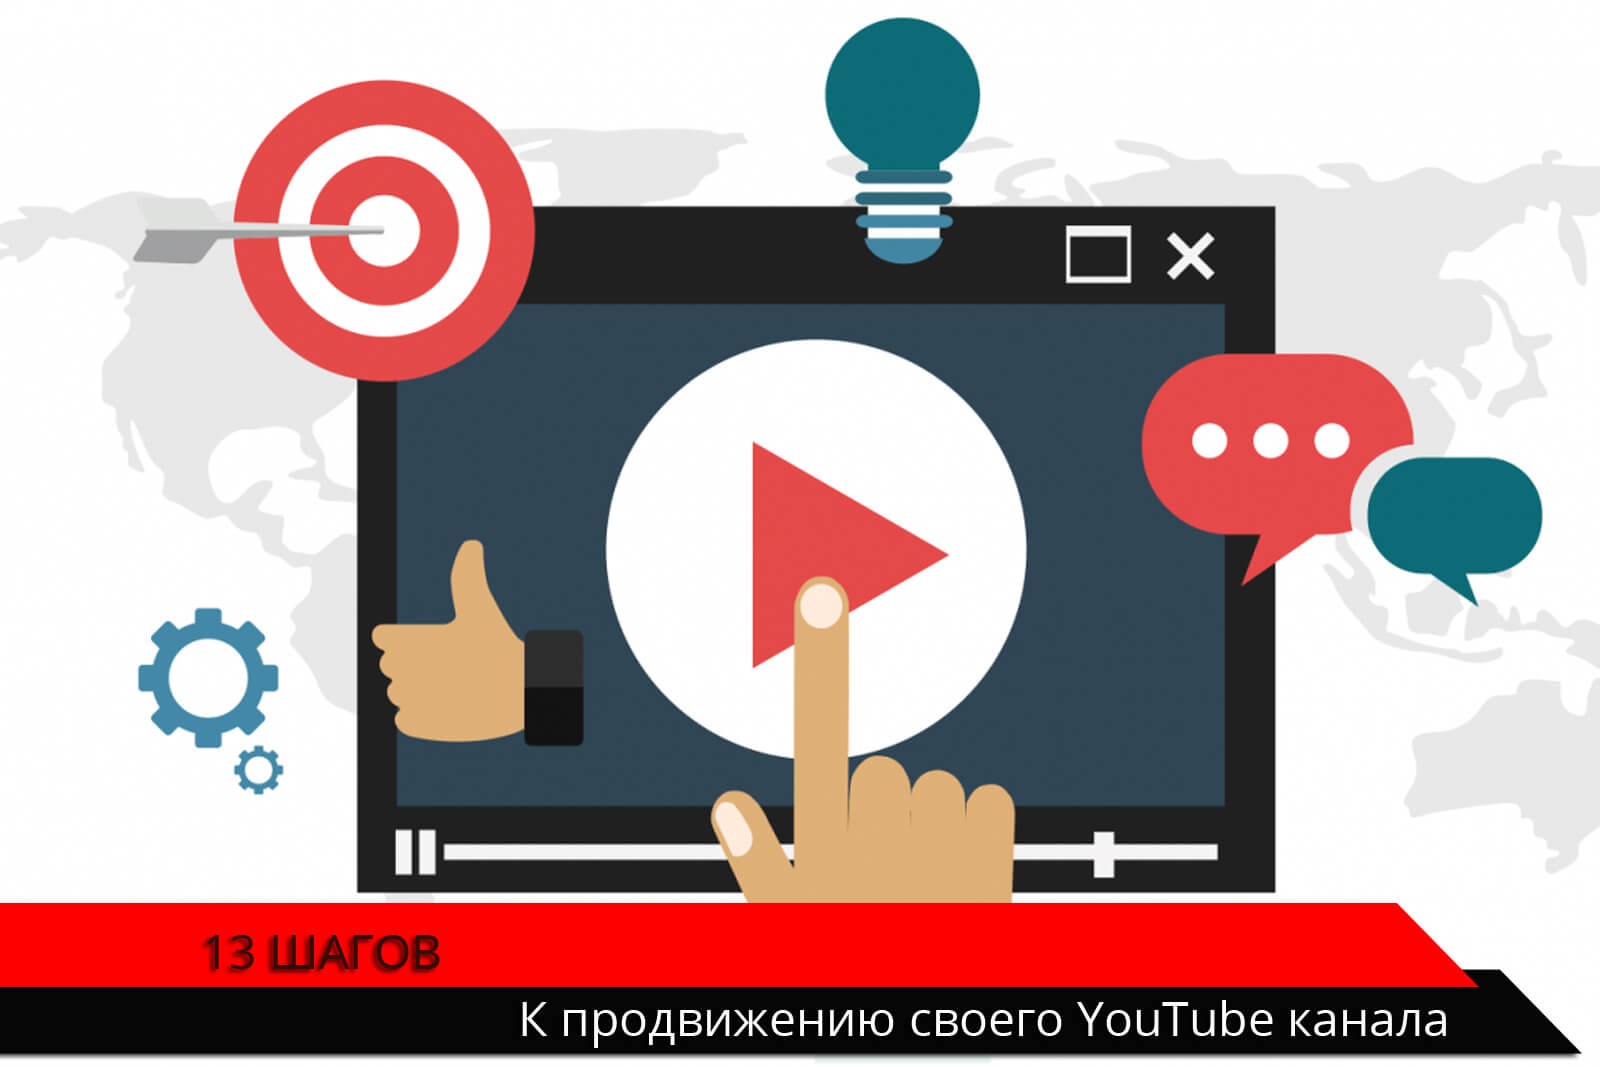 13 шагов к продвижению своего YouTube канала